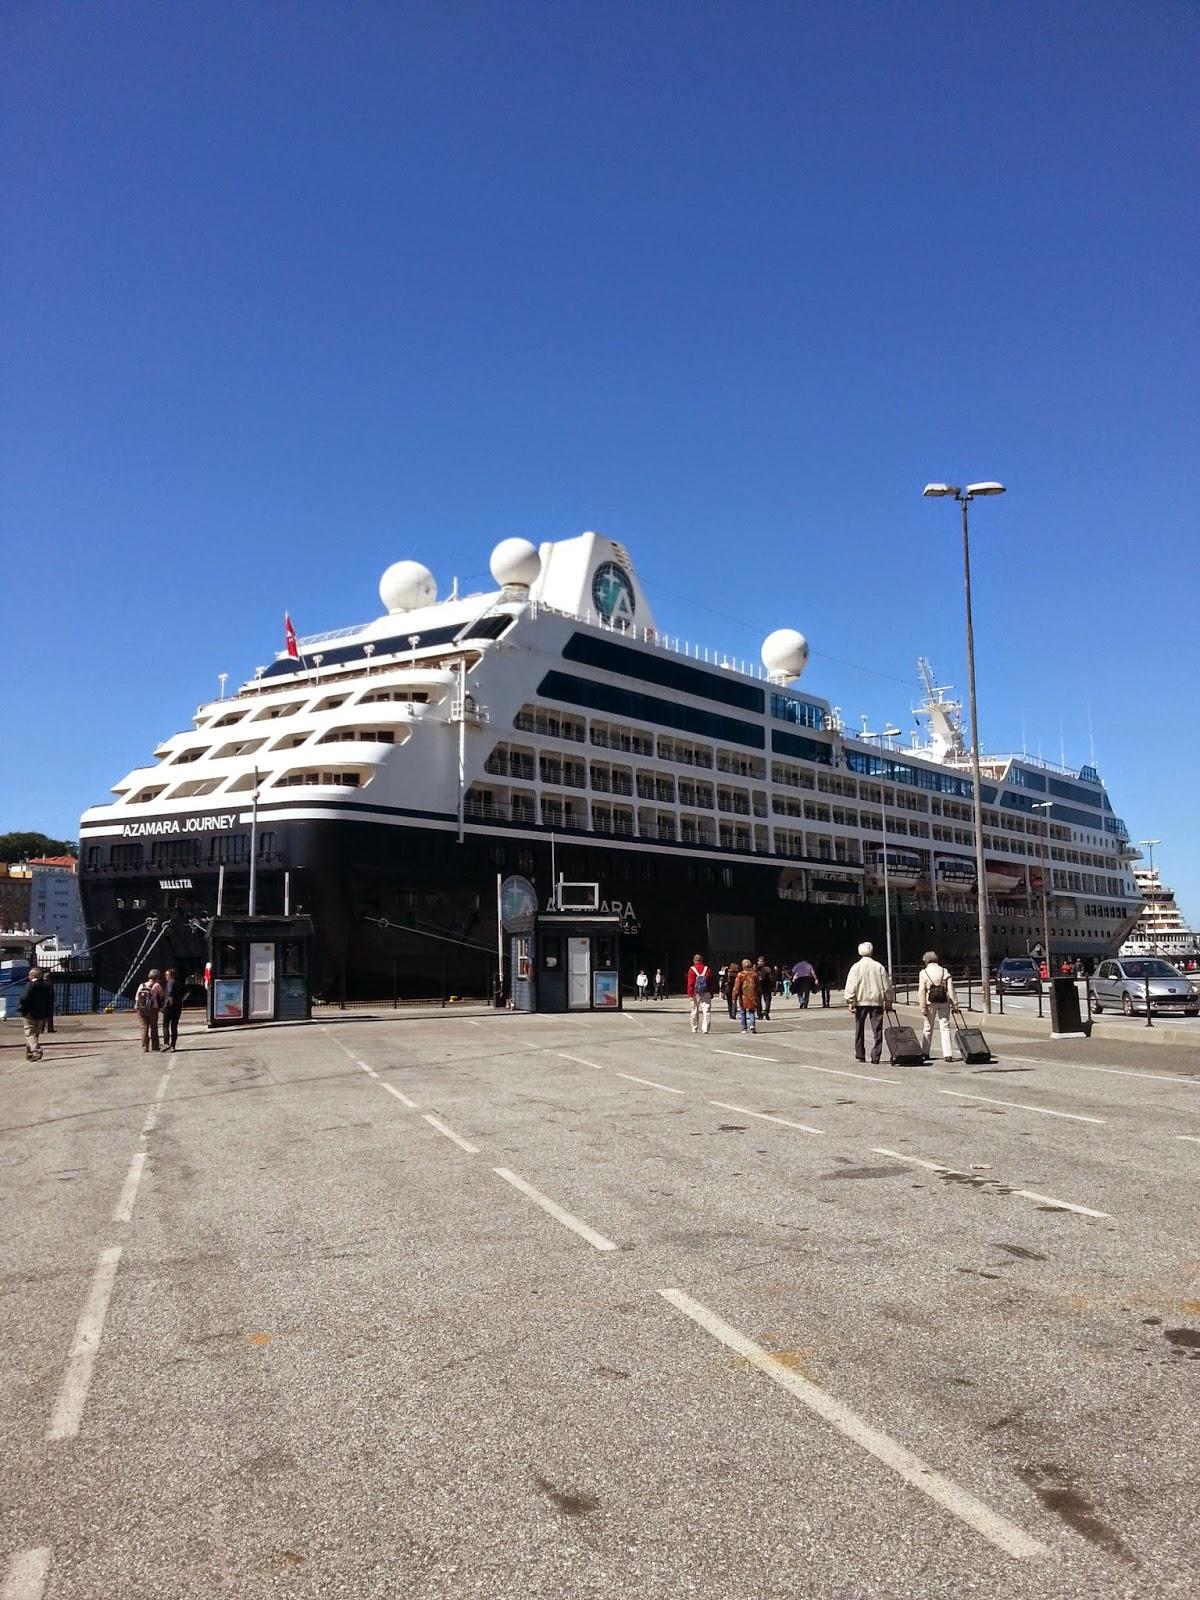 Cruise Ship Azamara Journey (R Six) in Bergen, Norway